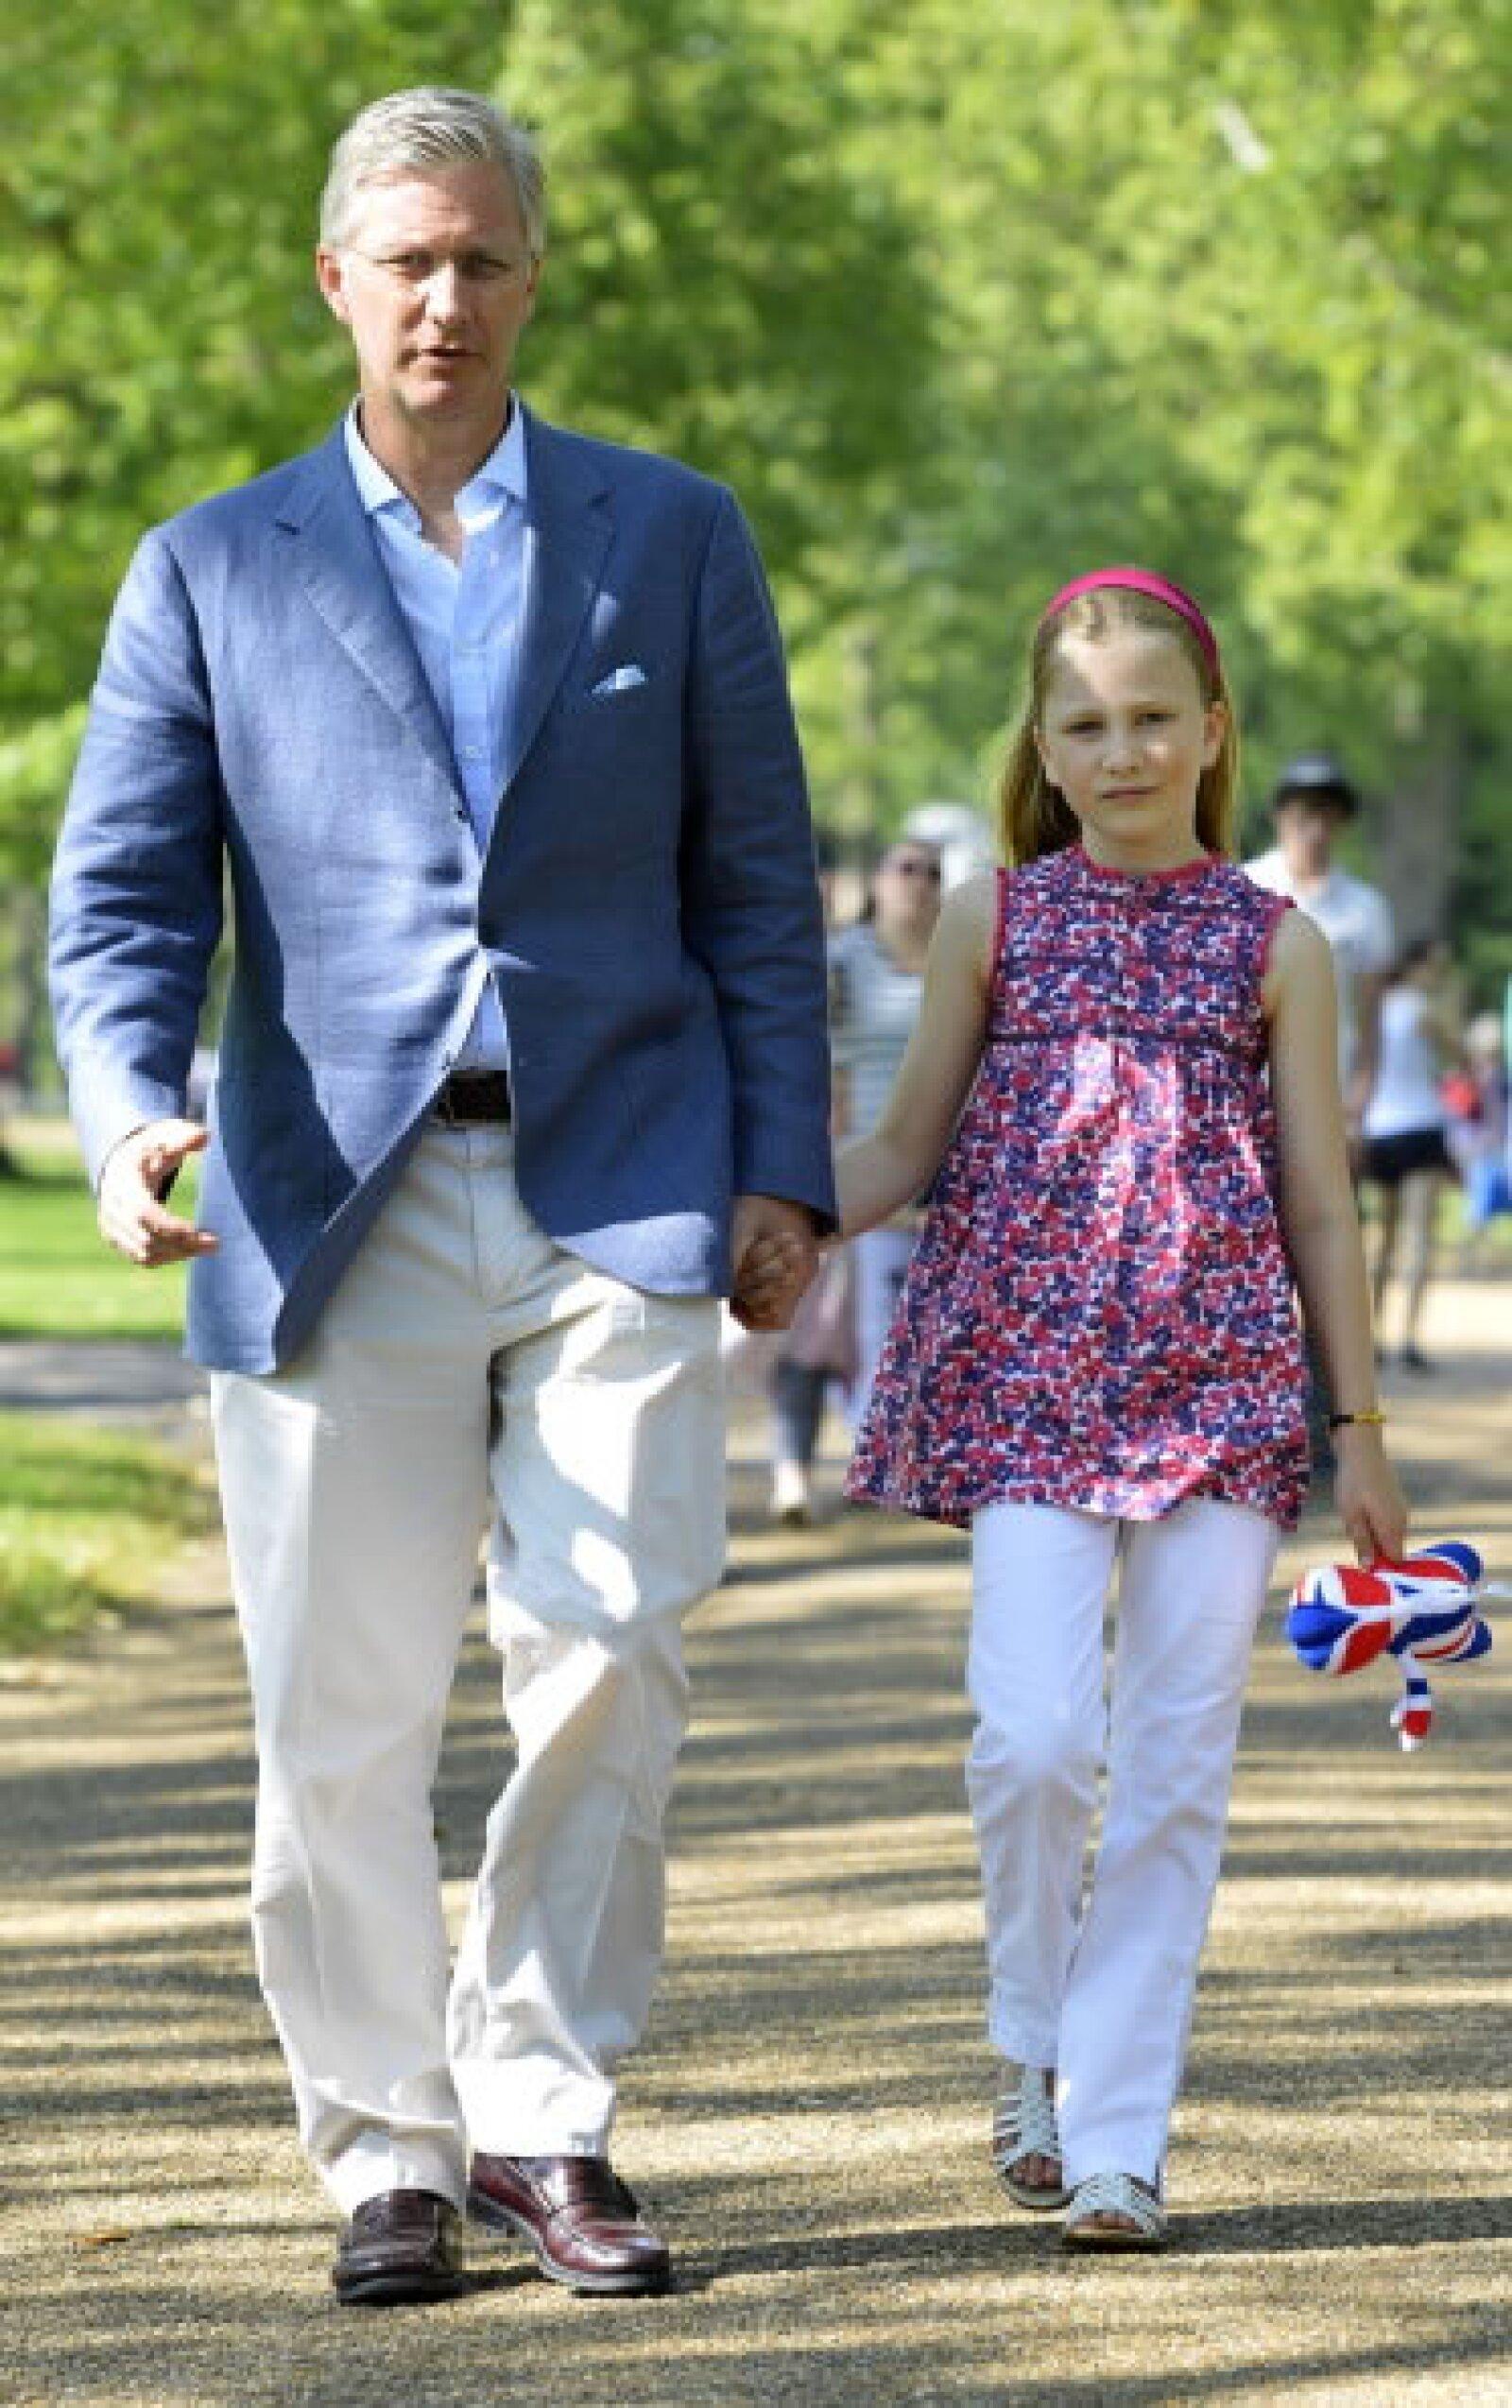 Su padre, el Rey Felipe, la apoya y la acompaña hasta la escuela, como cualquier padre.